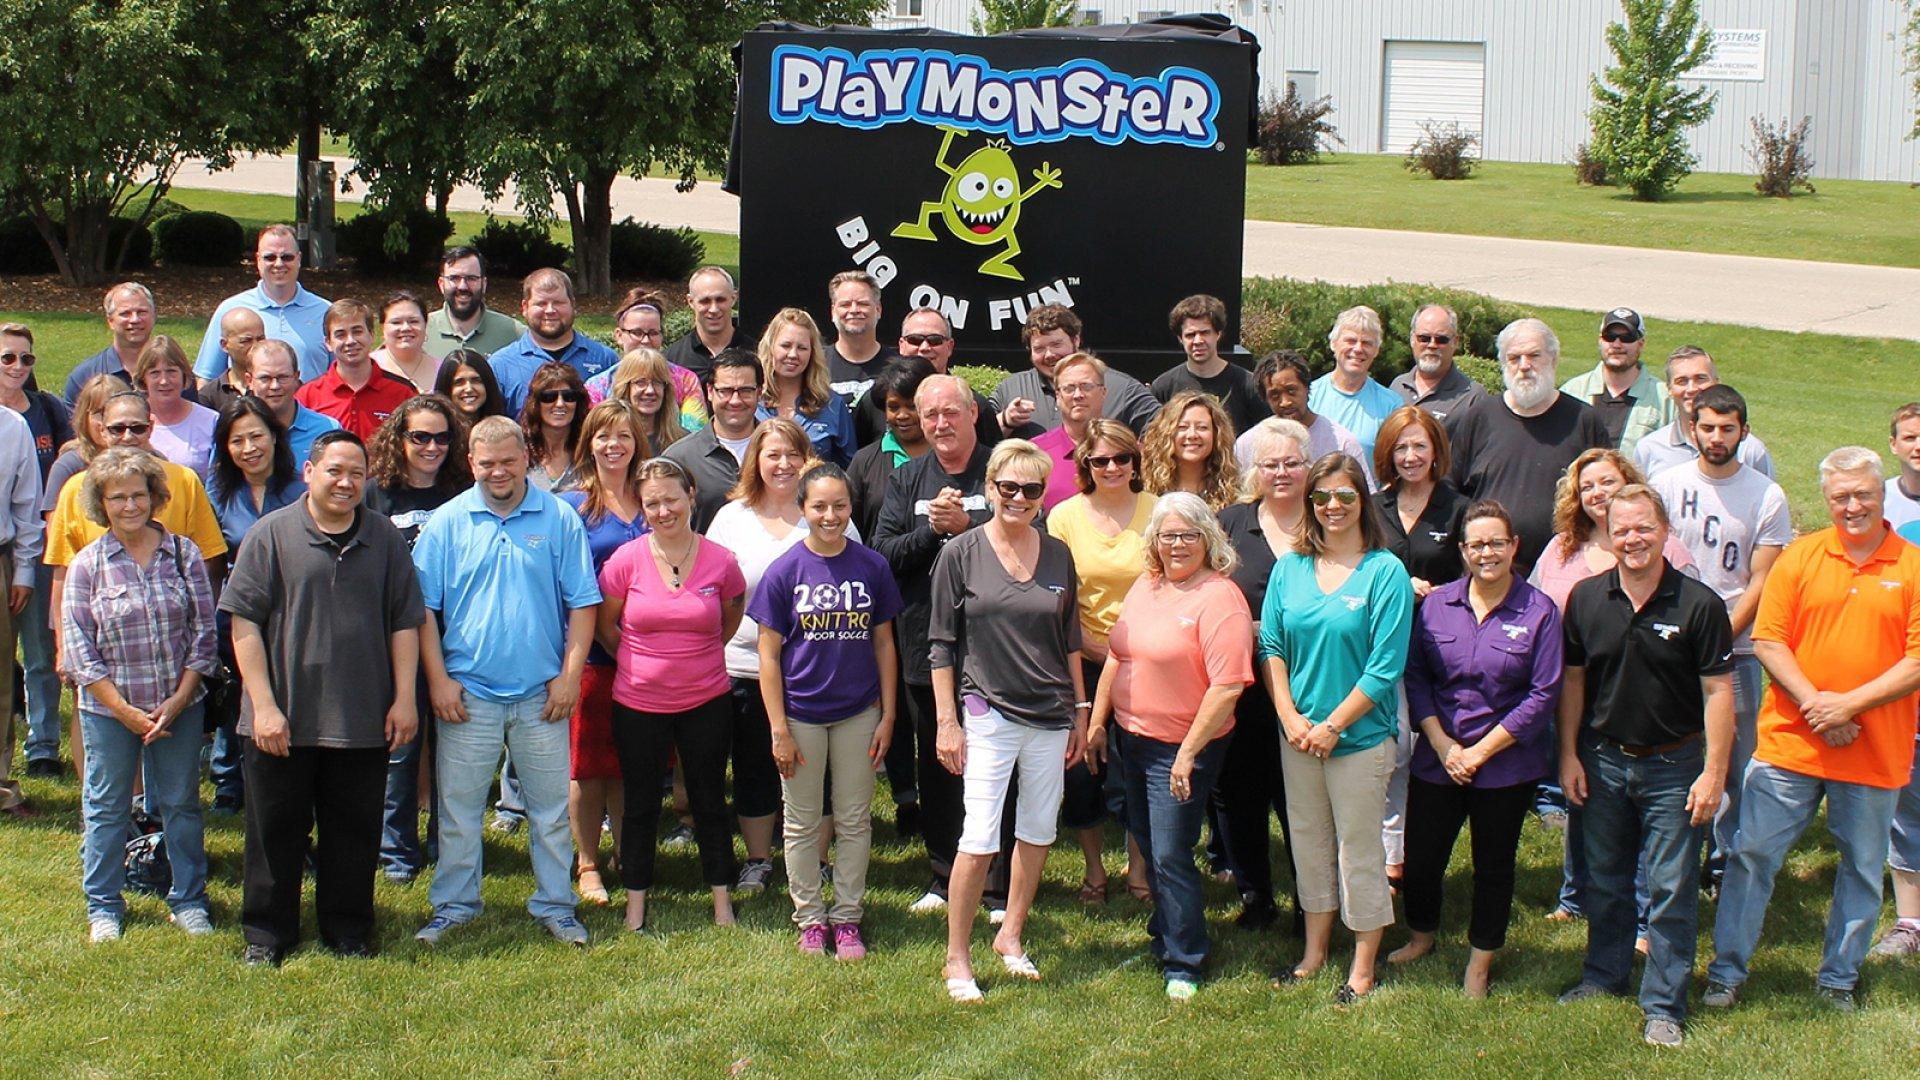 PlayMonster staff.